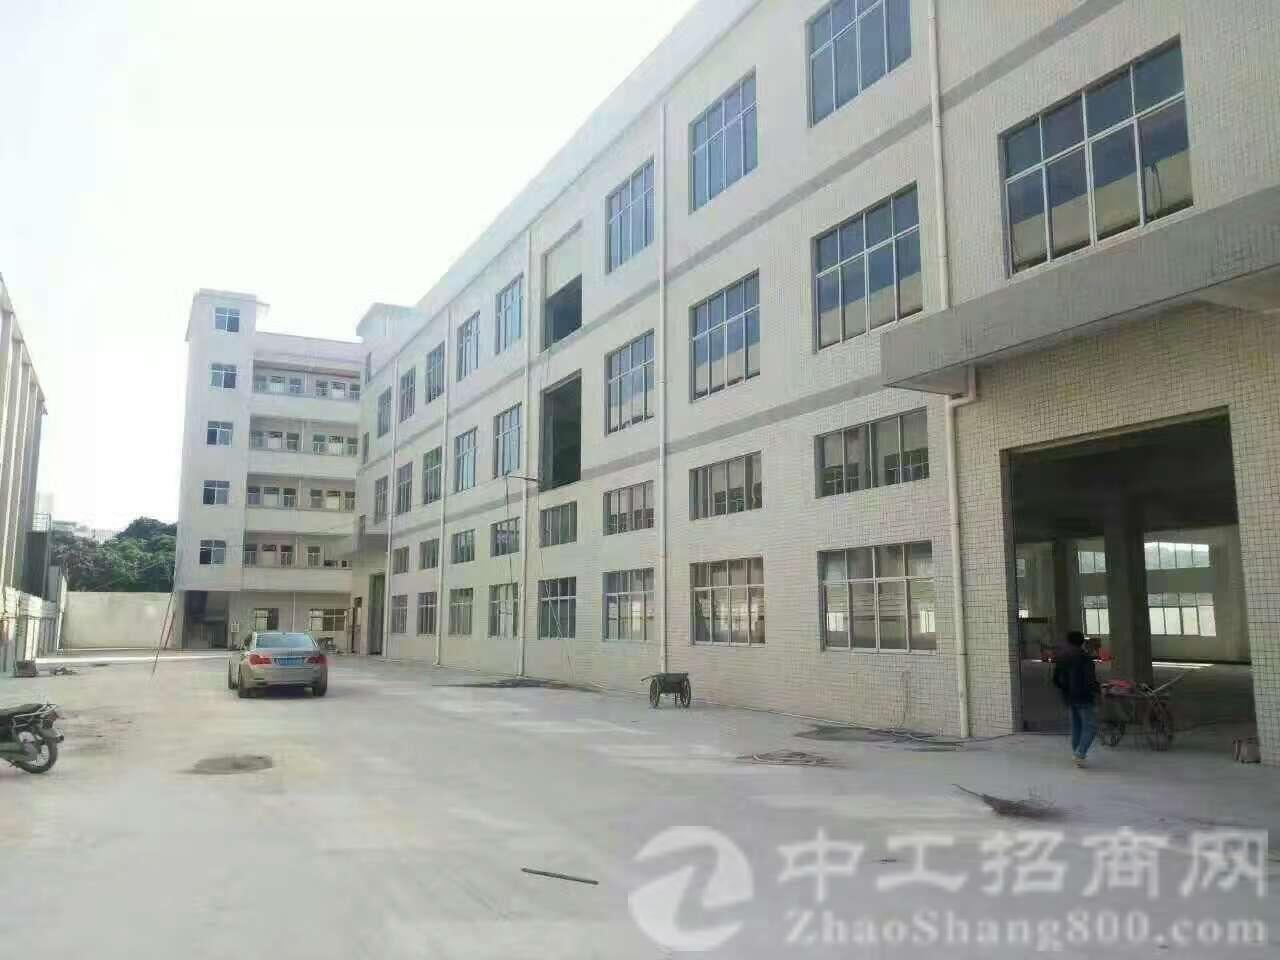 出租厚街镇花园式独院厂房1~3楼层9500平米招租